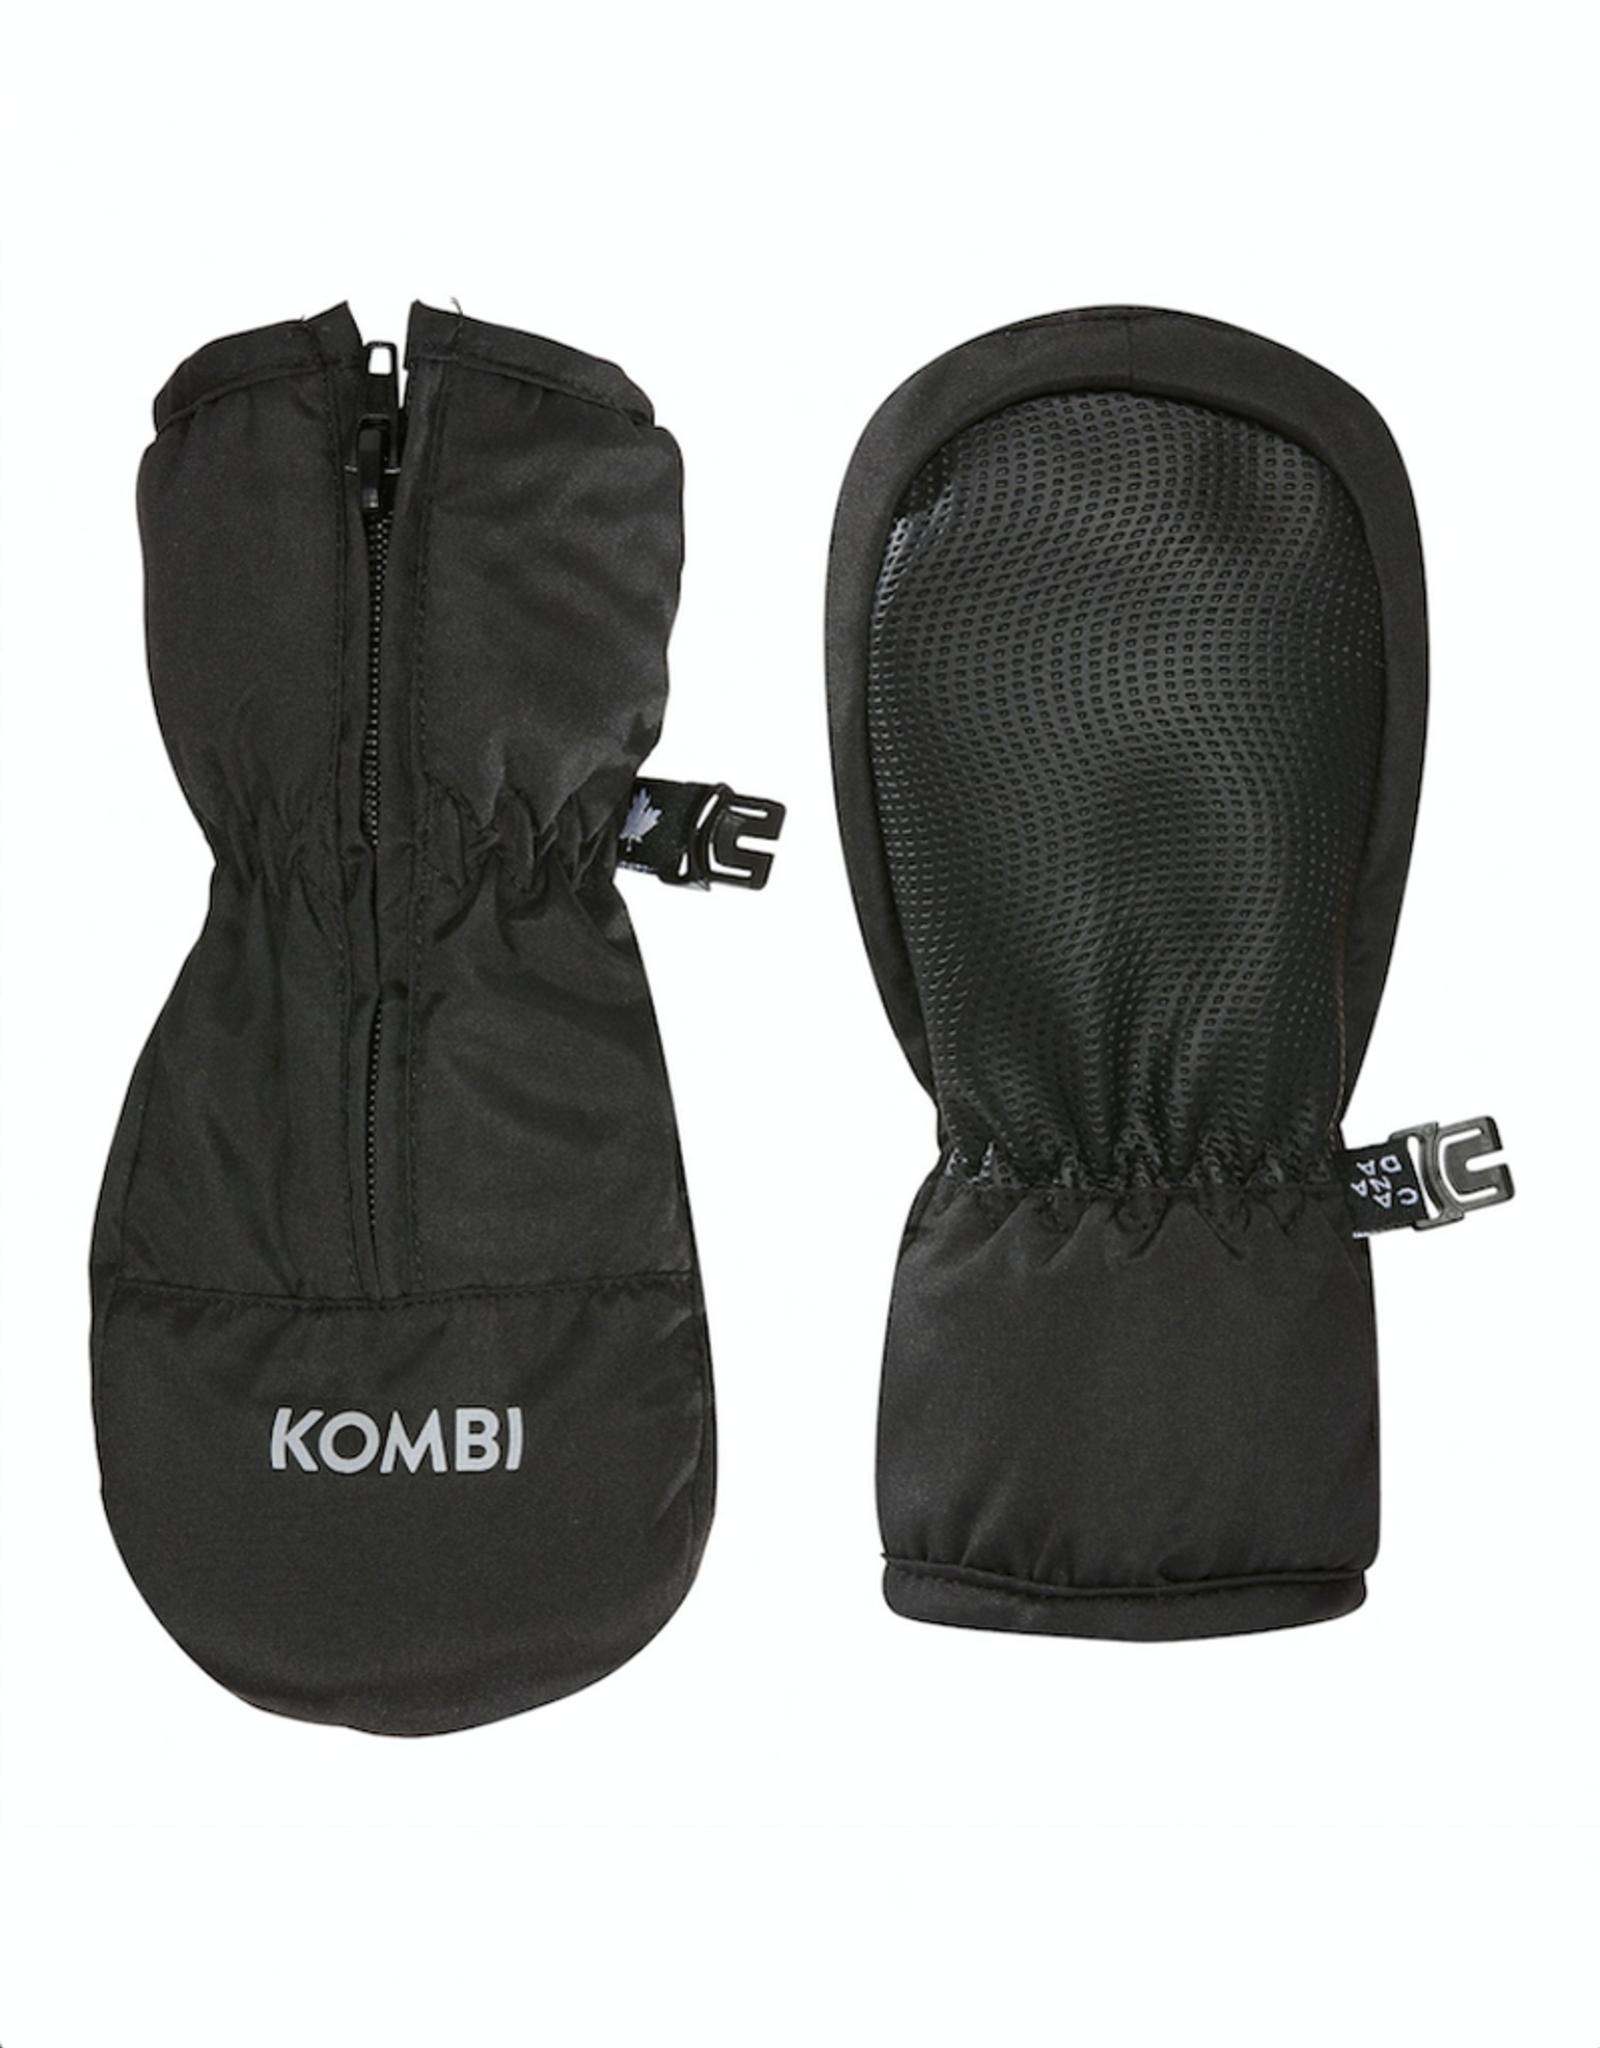 Kombi Glee Full-Zipped Infant Mittens in Black